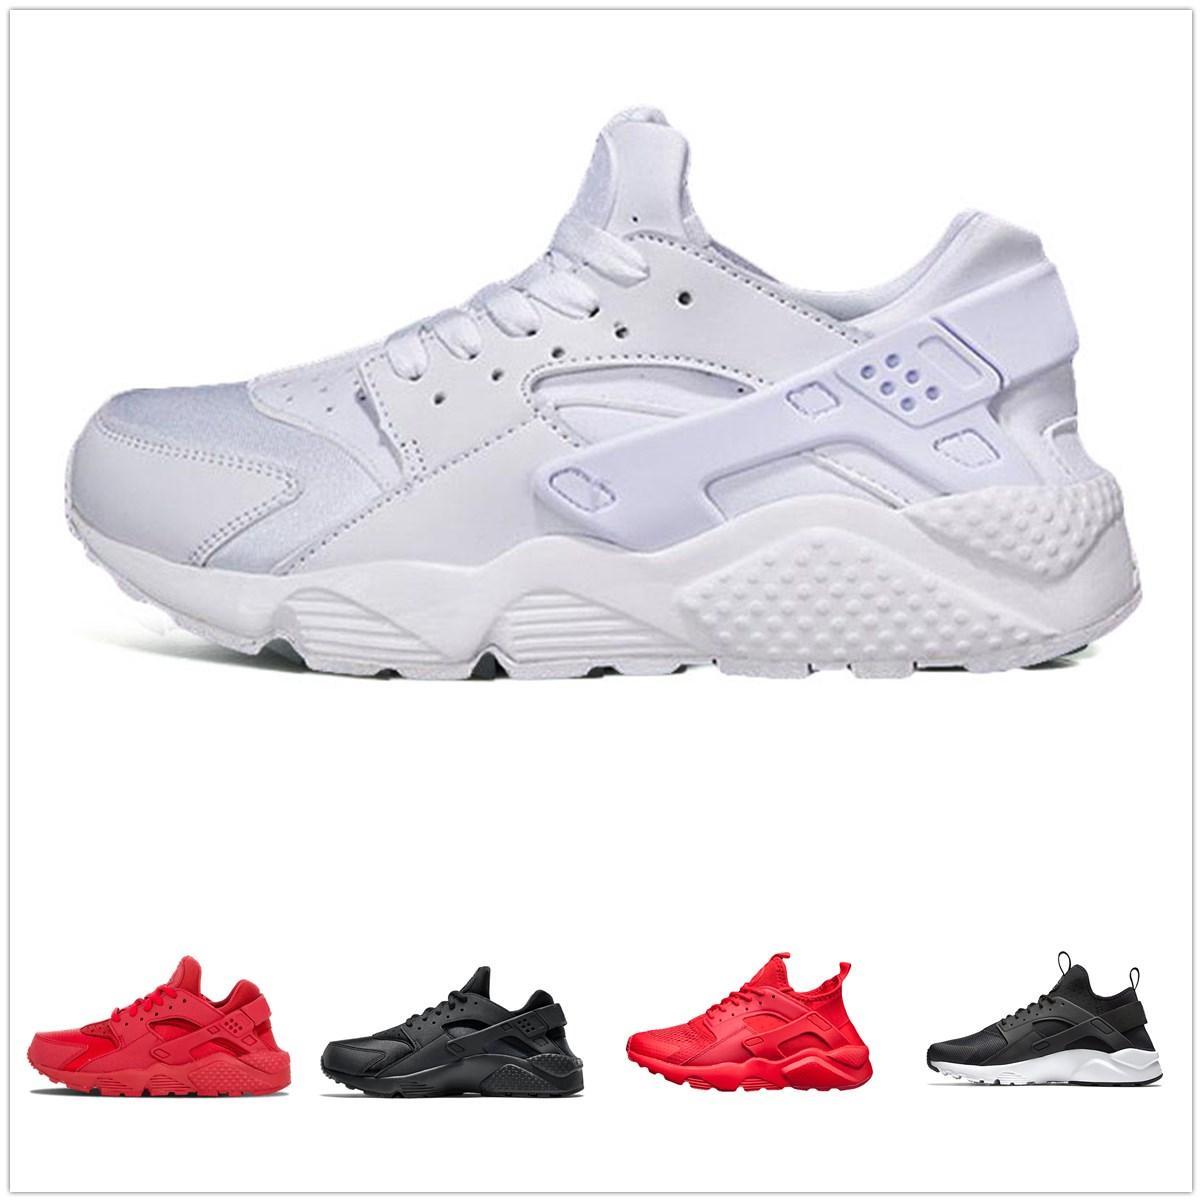 Huarache 4 Erkek Kadın Ayakkabı Koşu Tüm Beyaz Huraches Zapatos Ultra Breathe Huaraches Erkek Eğitmenler Hurache Spor Spor ayakkabılar